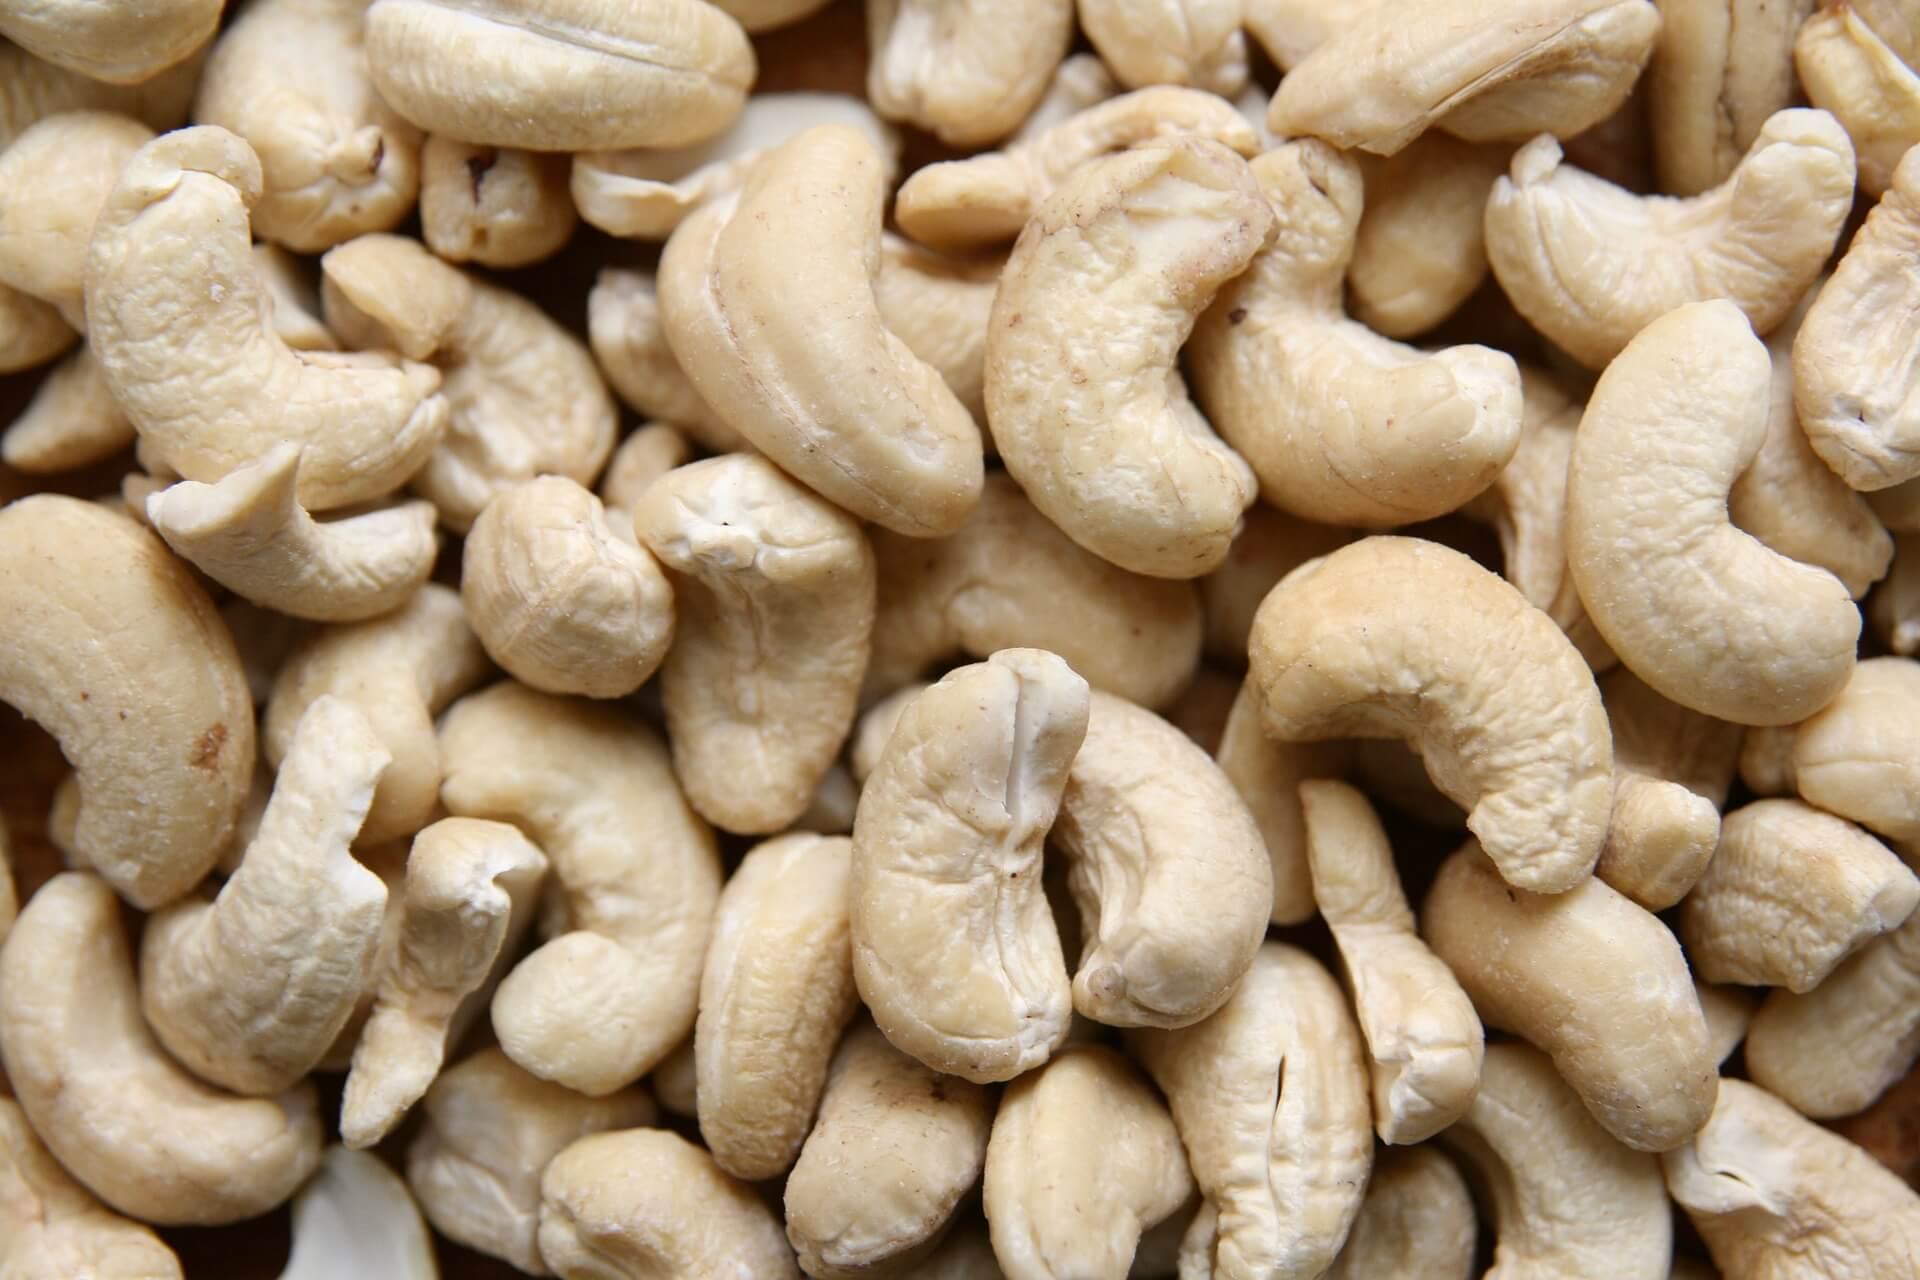 Орехи кешью: полезные свойства, вред и противопоказания для организма орехи кешью: полезные свойства, вред и противопоказания для организма